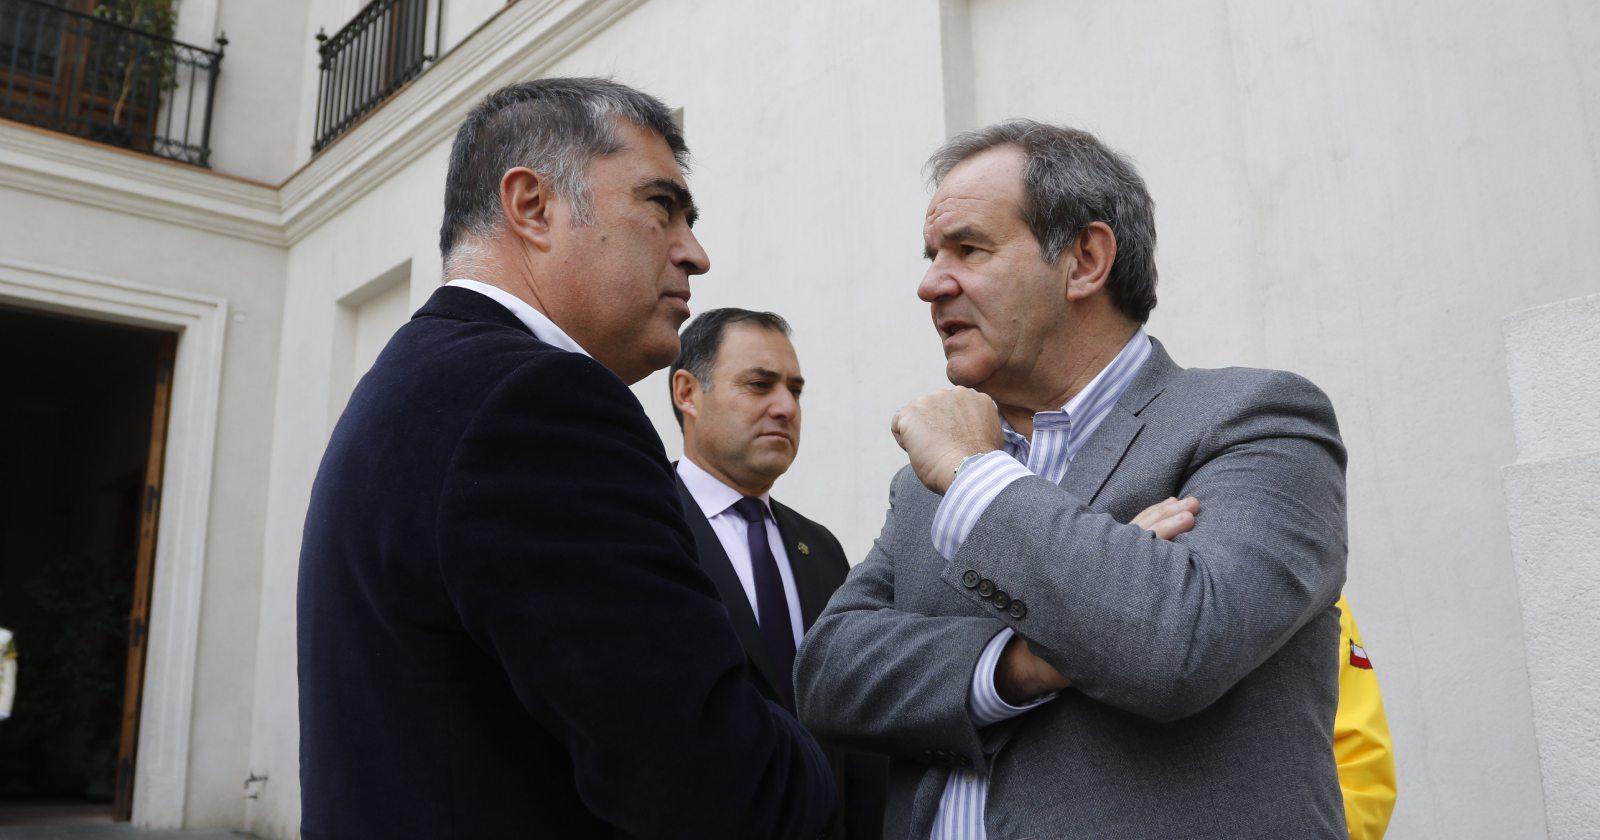 Allamand y Desbordes trasladan debate por el Rechazo y el Apruebo al gabinete